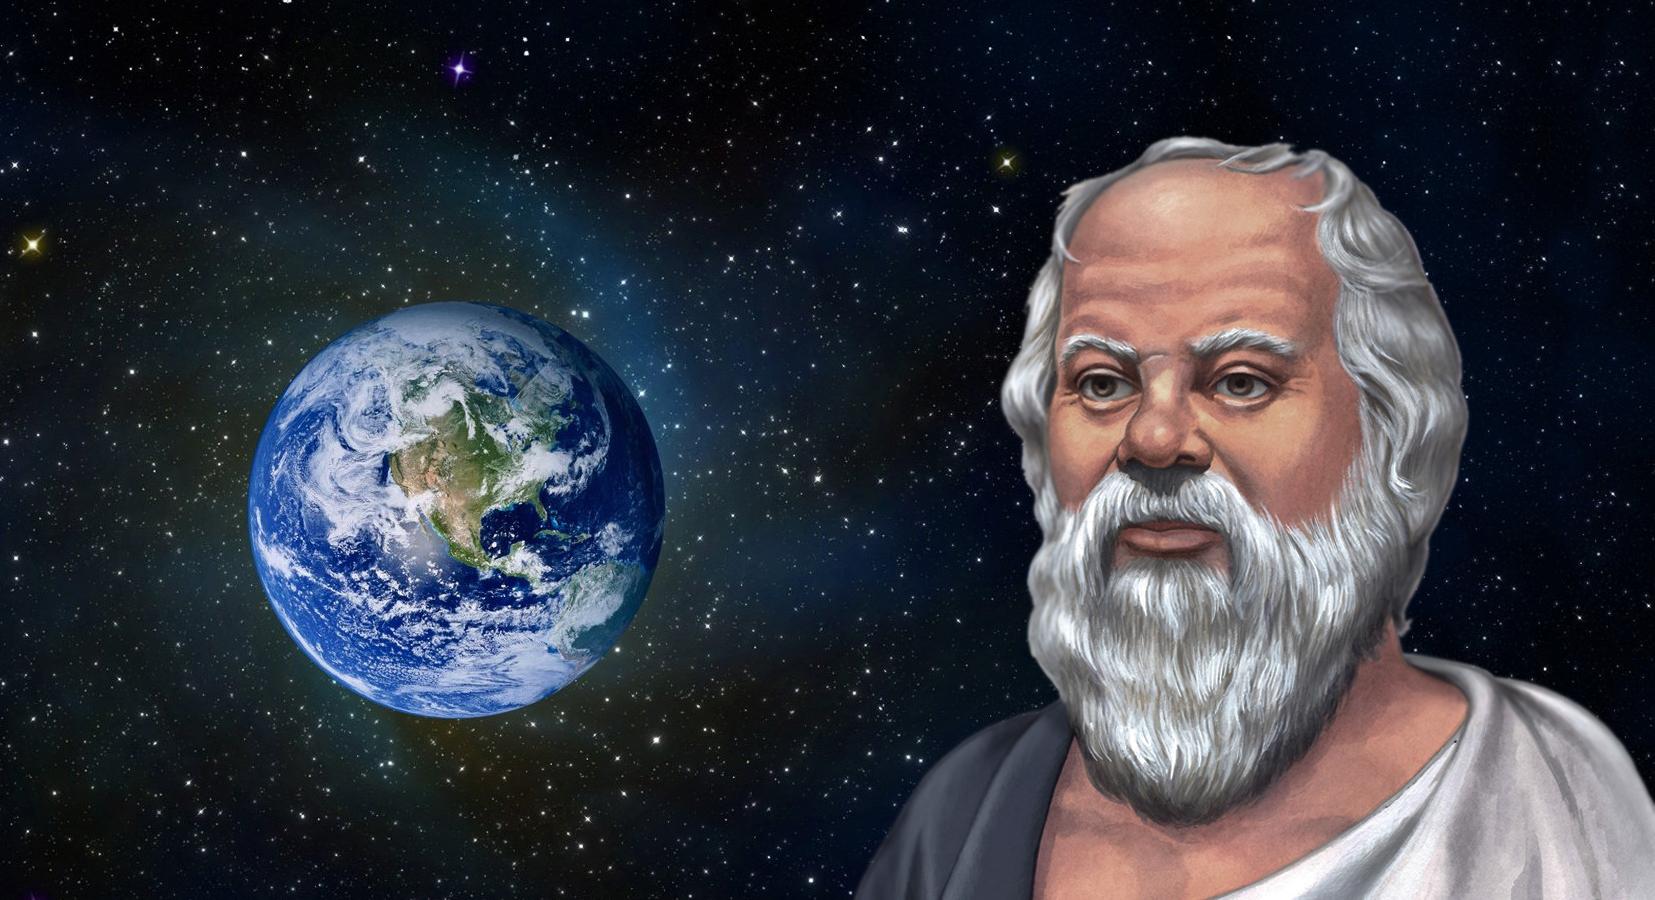 Nhà hiền triết Socrates đã từng du hành vũ trụ từ hàng ngàn năm trước?